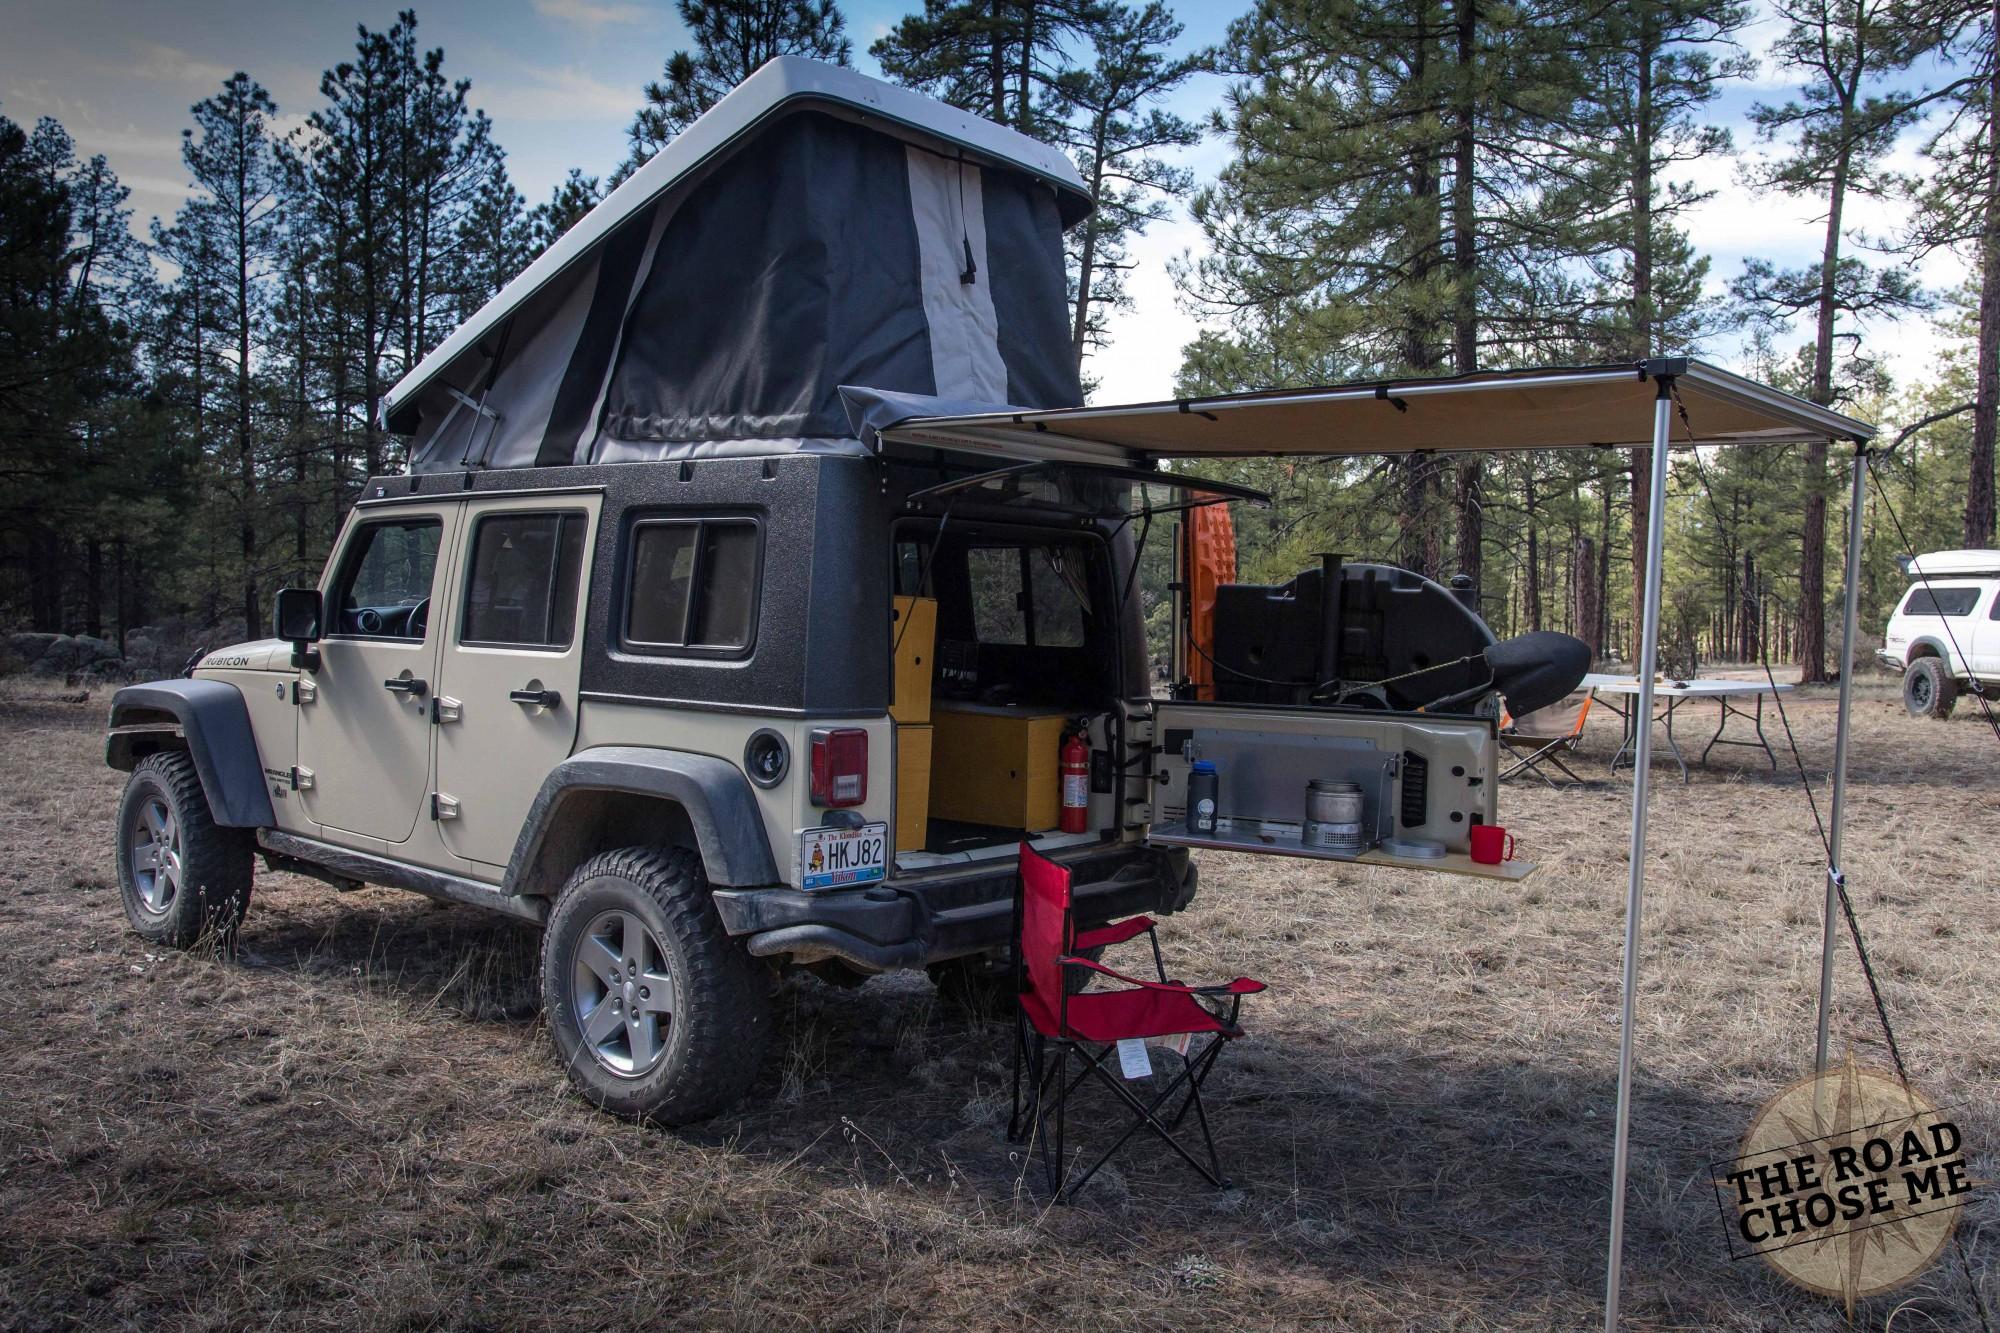 africa-jk-camping-setup